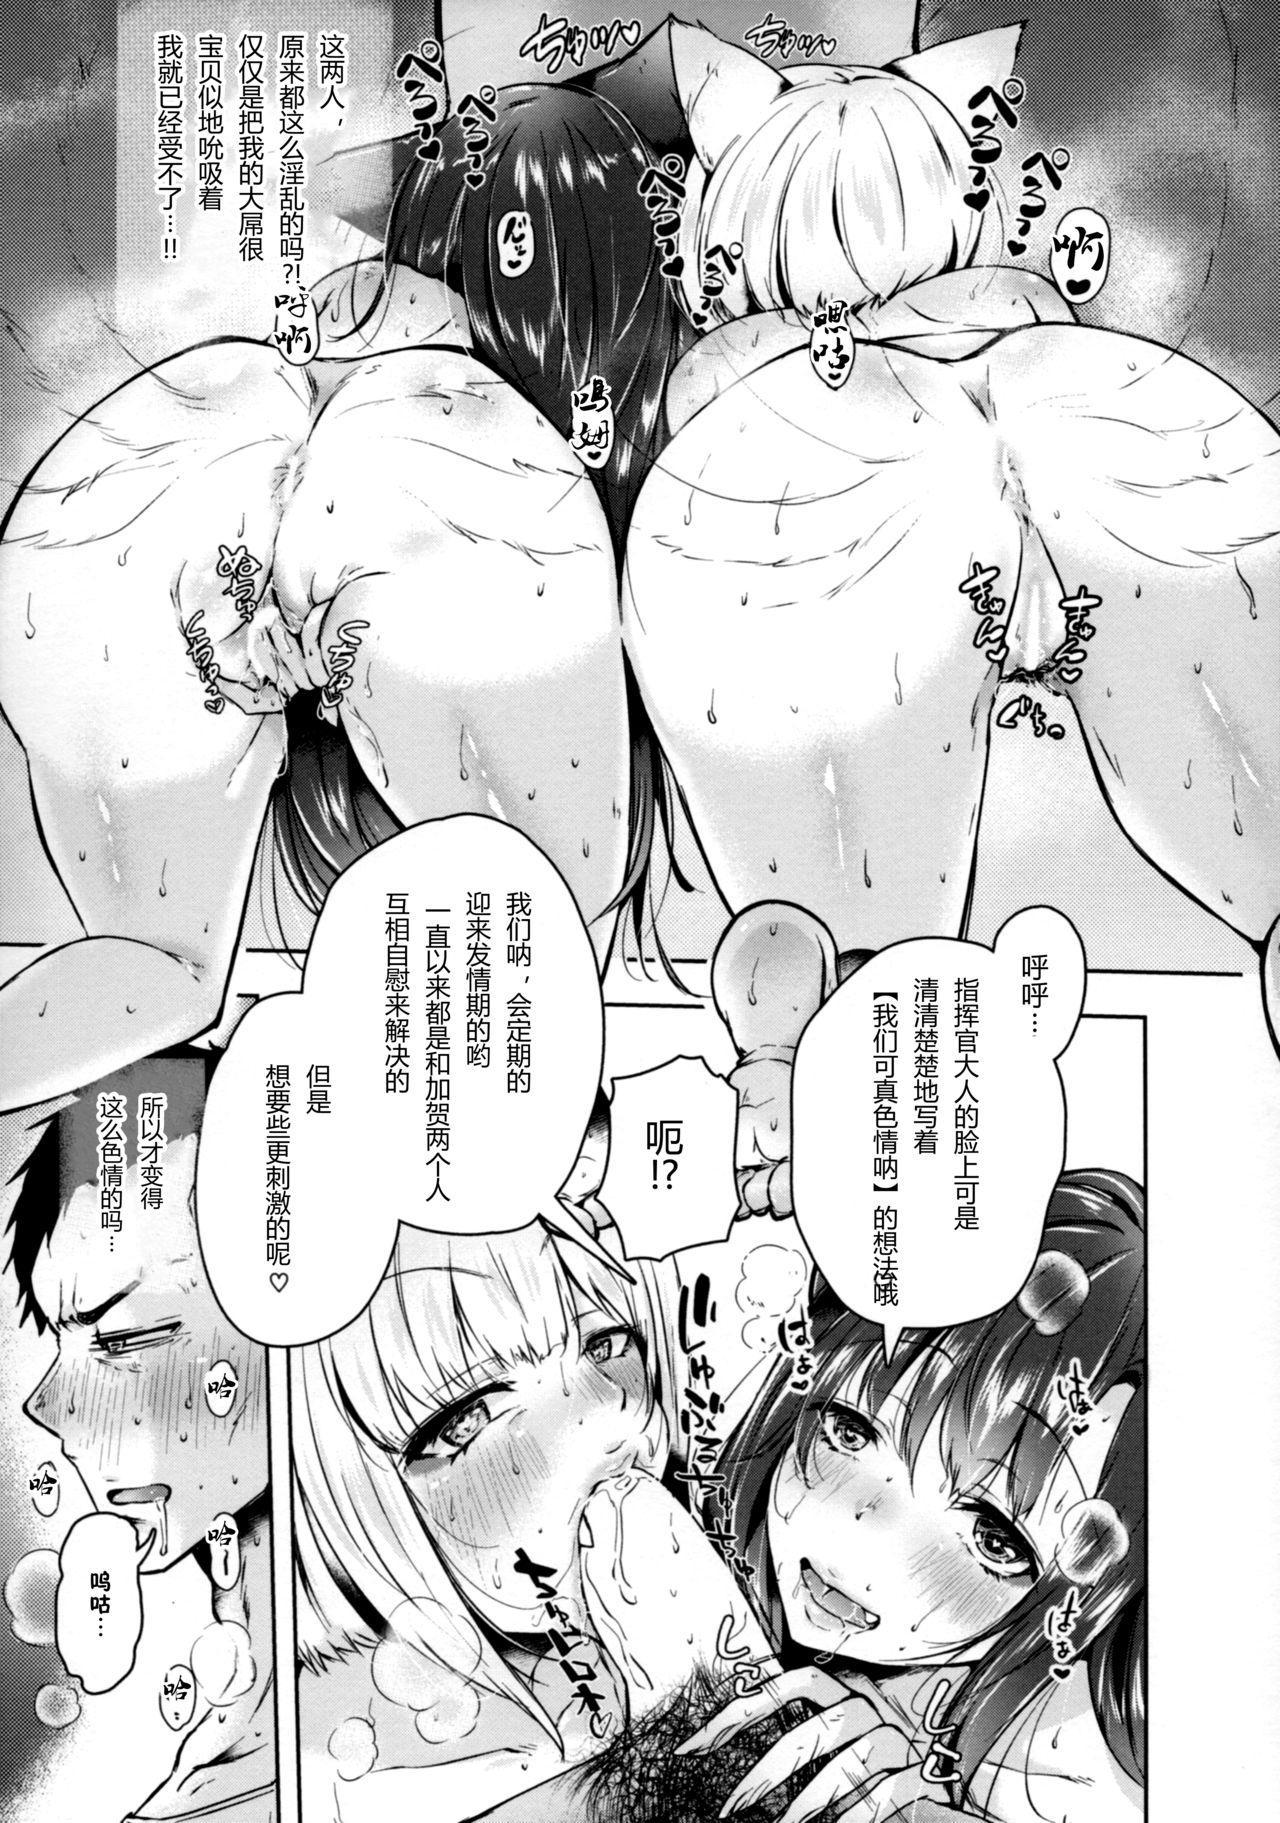 Hatsujou Kitsune ni Asobarete... 8